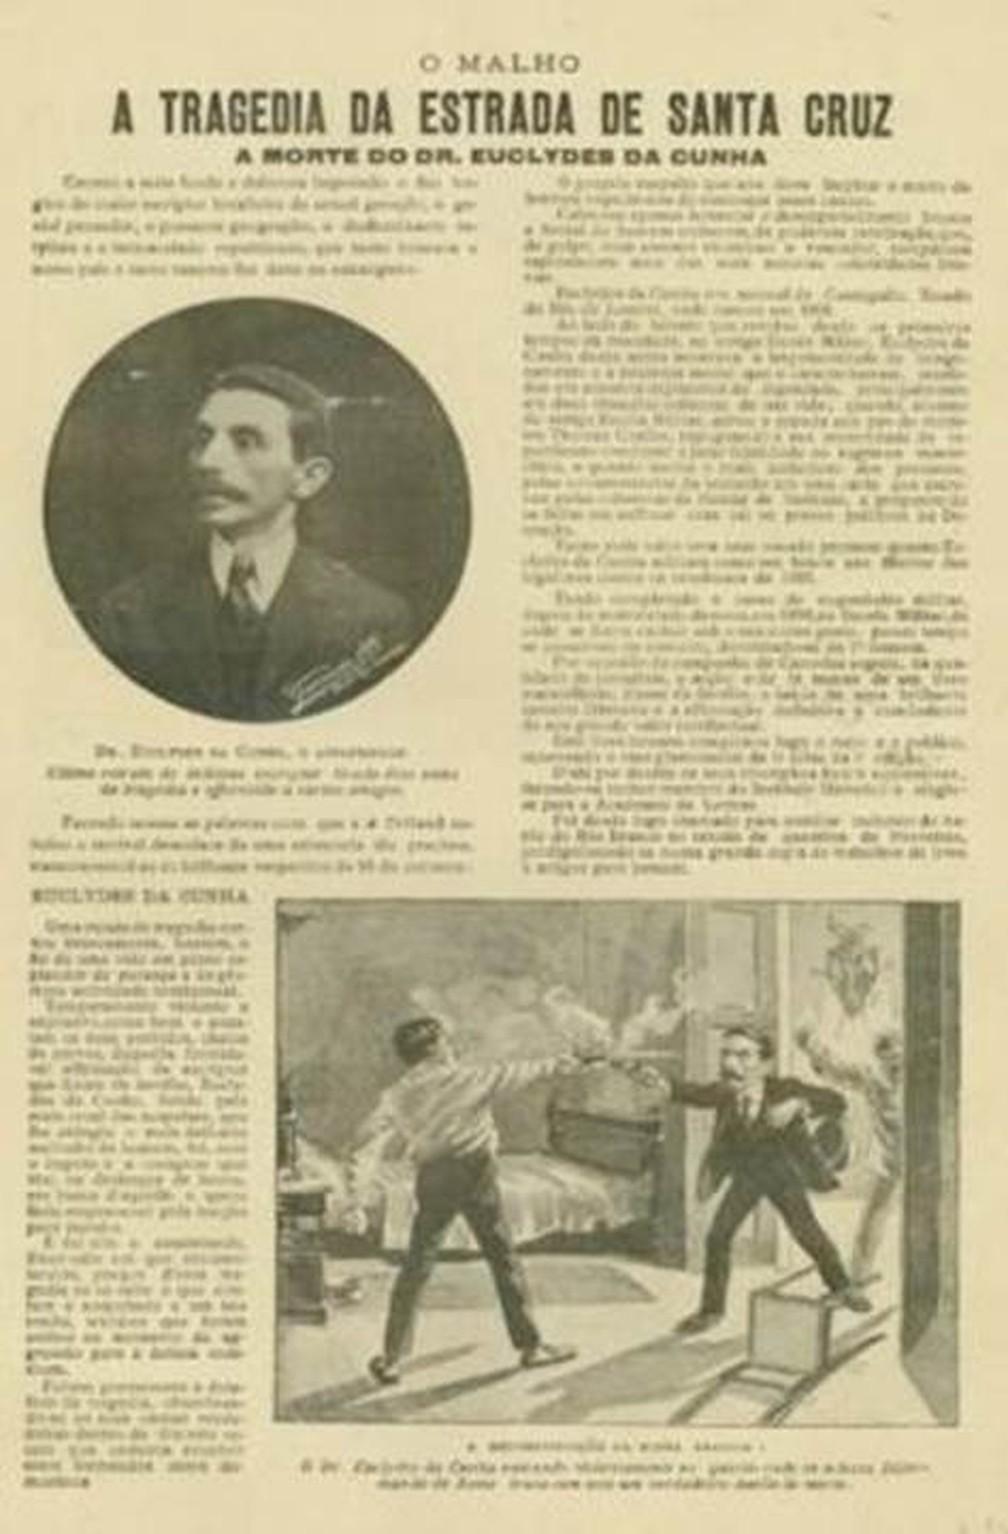 Revista 'O Malho' também destacou a morte de Euclides da Cunha — Foto: Fundação Biblioteca Nacional/BN Digital